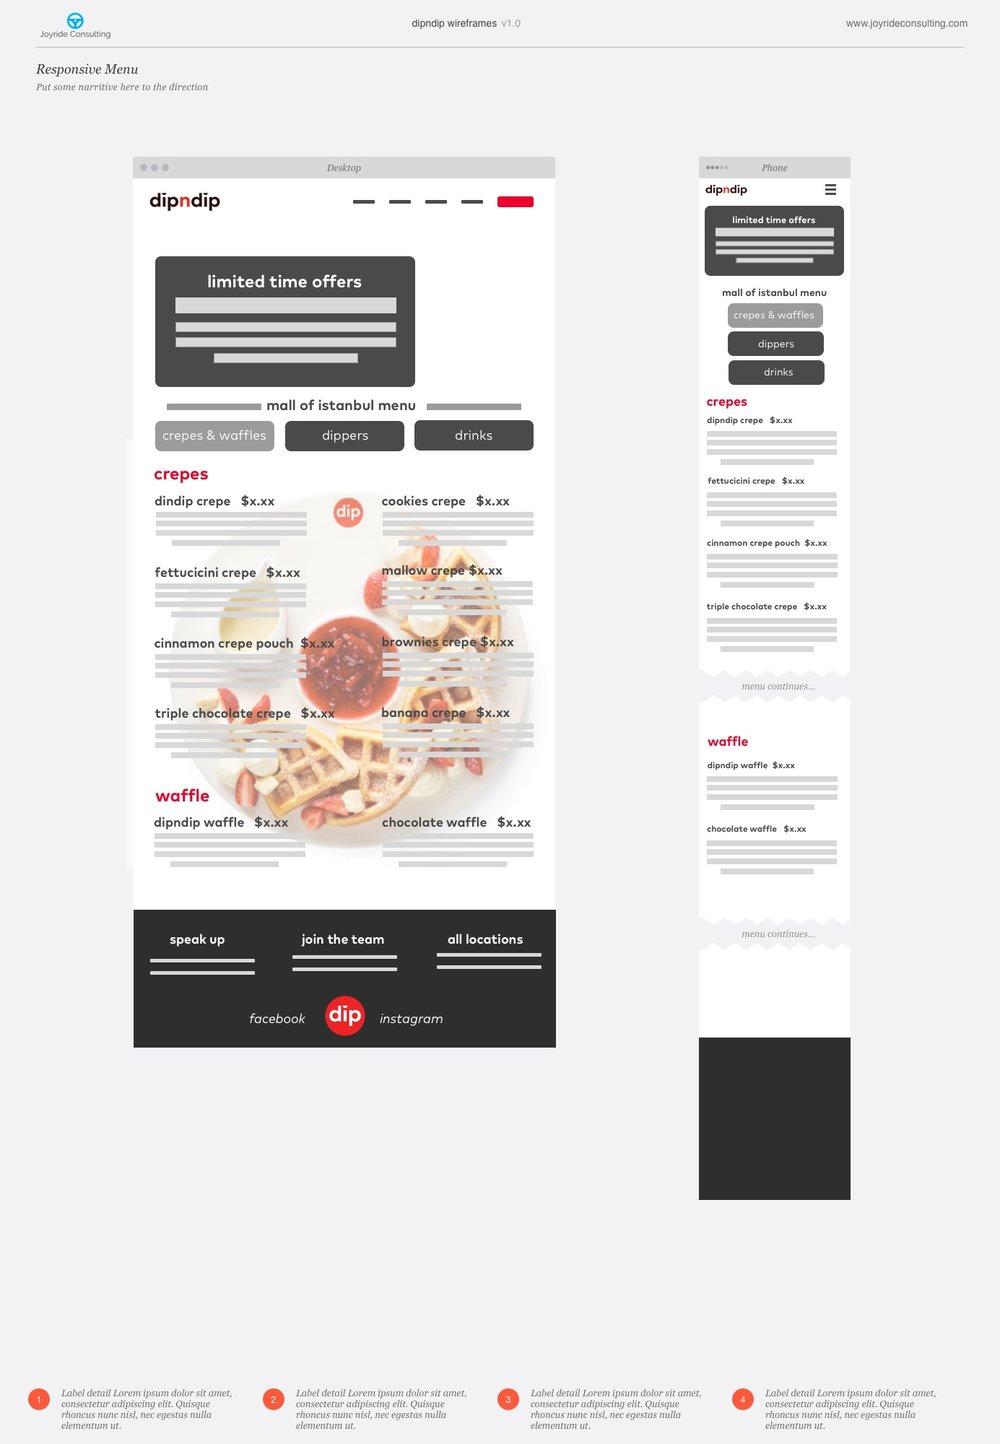 04 - dipndip - responsive menu.jpg